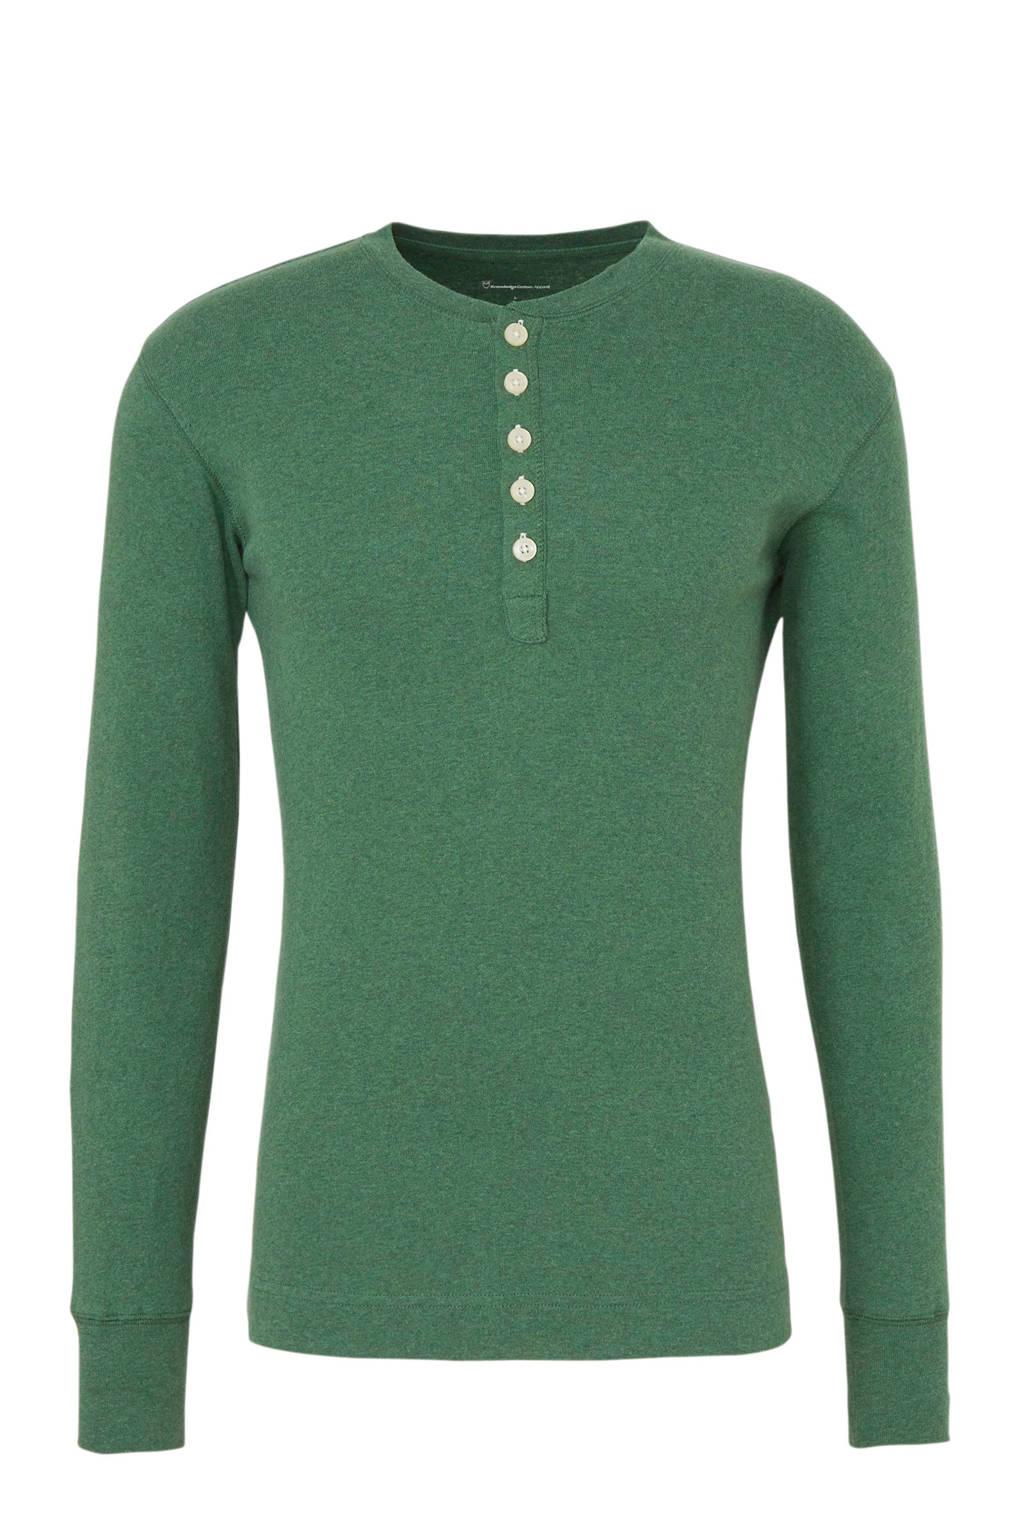 Knowledge Cotton Apparel gemêleerd T-shirt van biologisch katoen groen, Groen